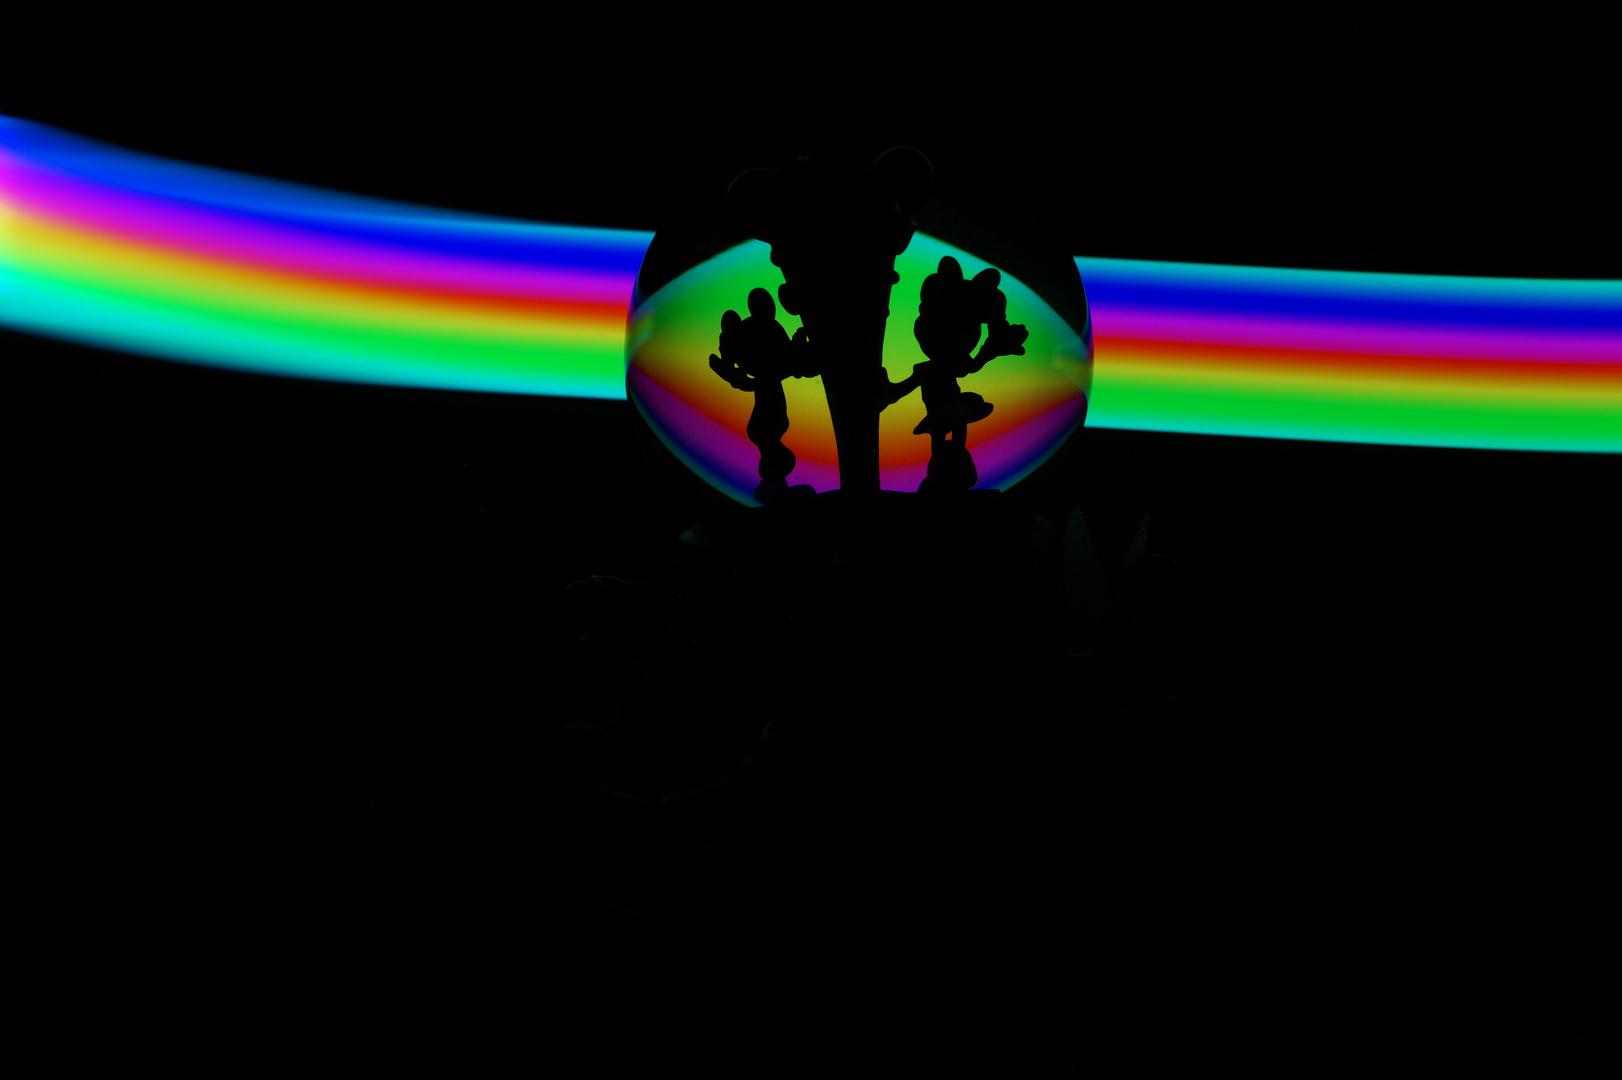 Mickey und Minnie im Regenbogen